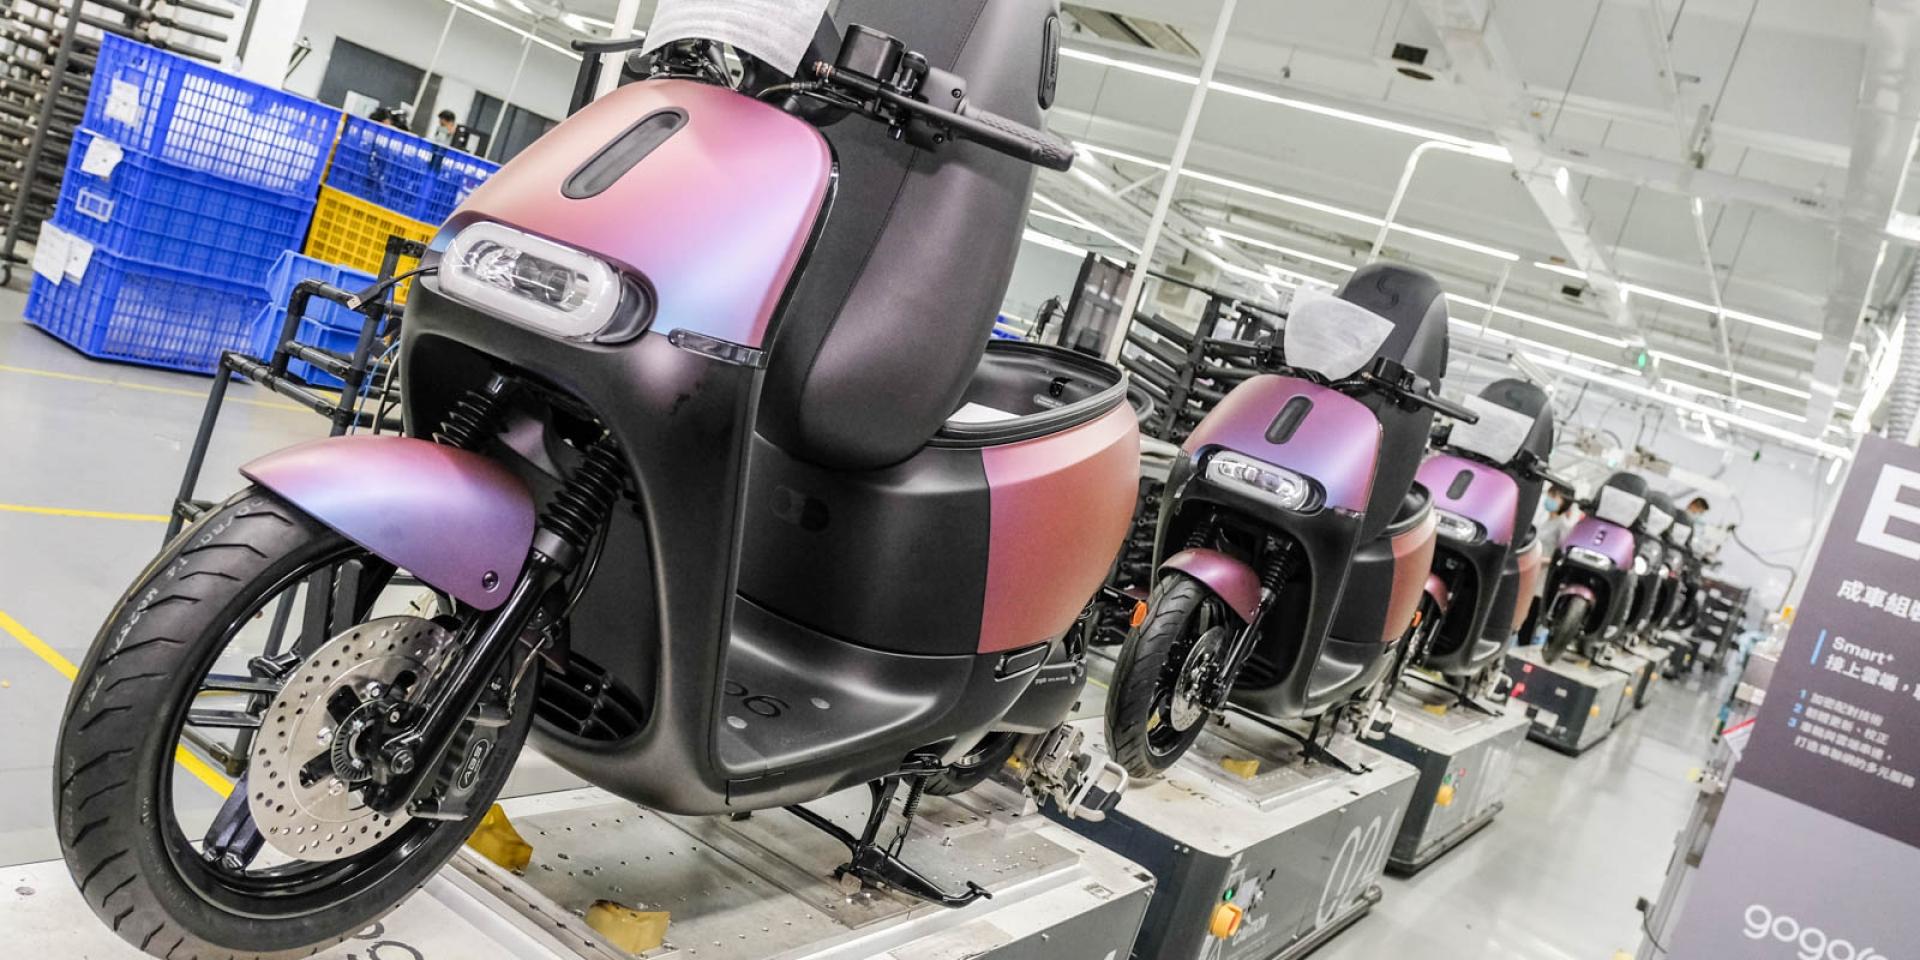 非市售車 工廠限定,GOGORO動力運輸車扮演重要角色,GOGORO工廠產線參訪